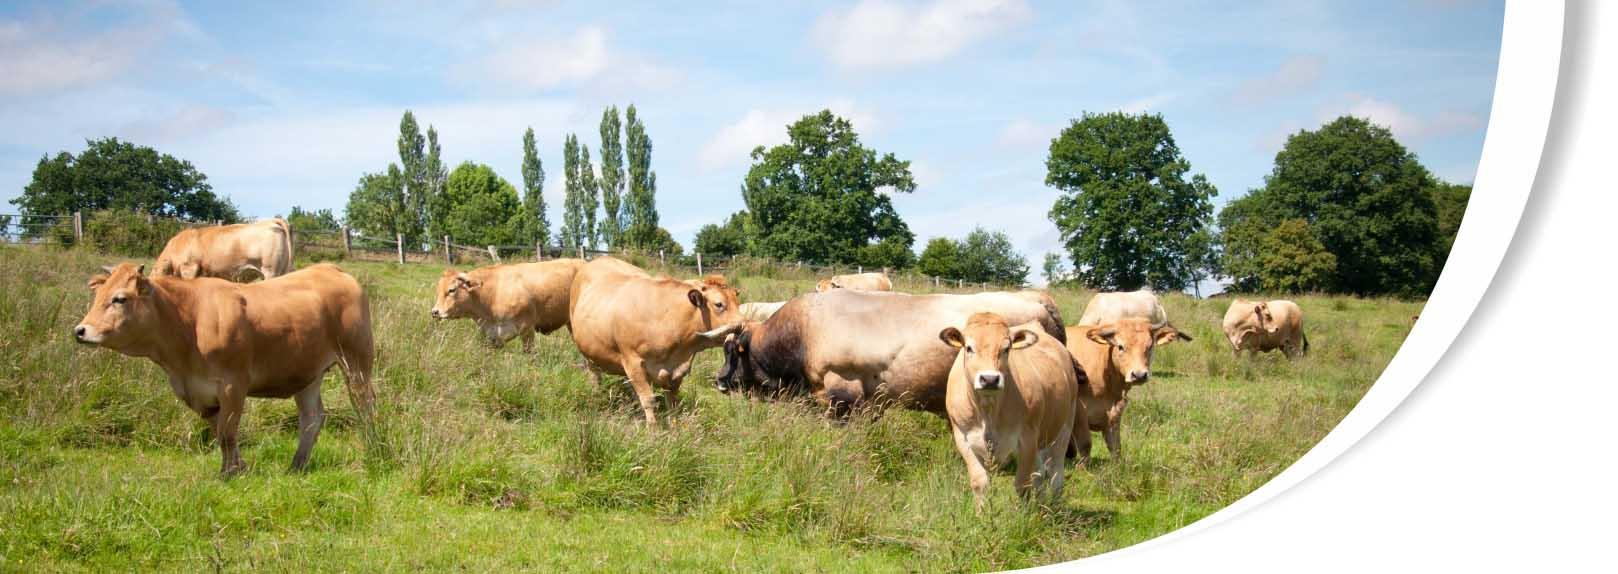 vente directe de viande, élevage traditionnel, vaches aubrac, viande bœuf, calvados, pays d'auge, cormeilles, lisieux, normandie